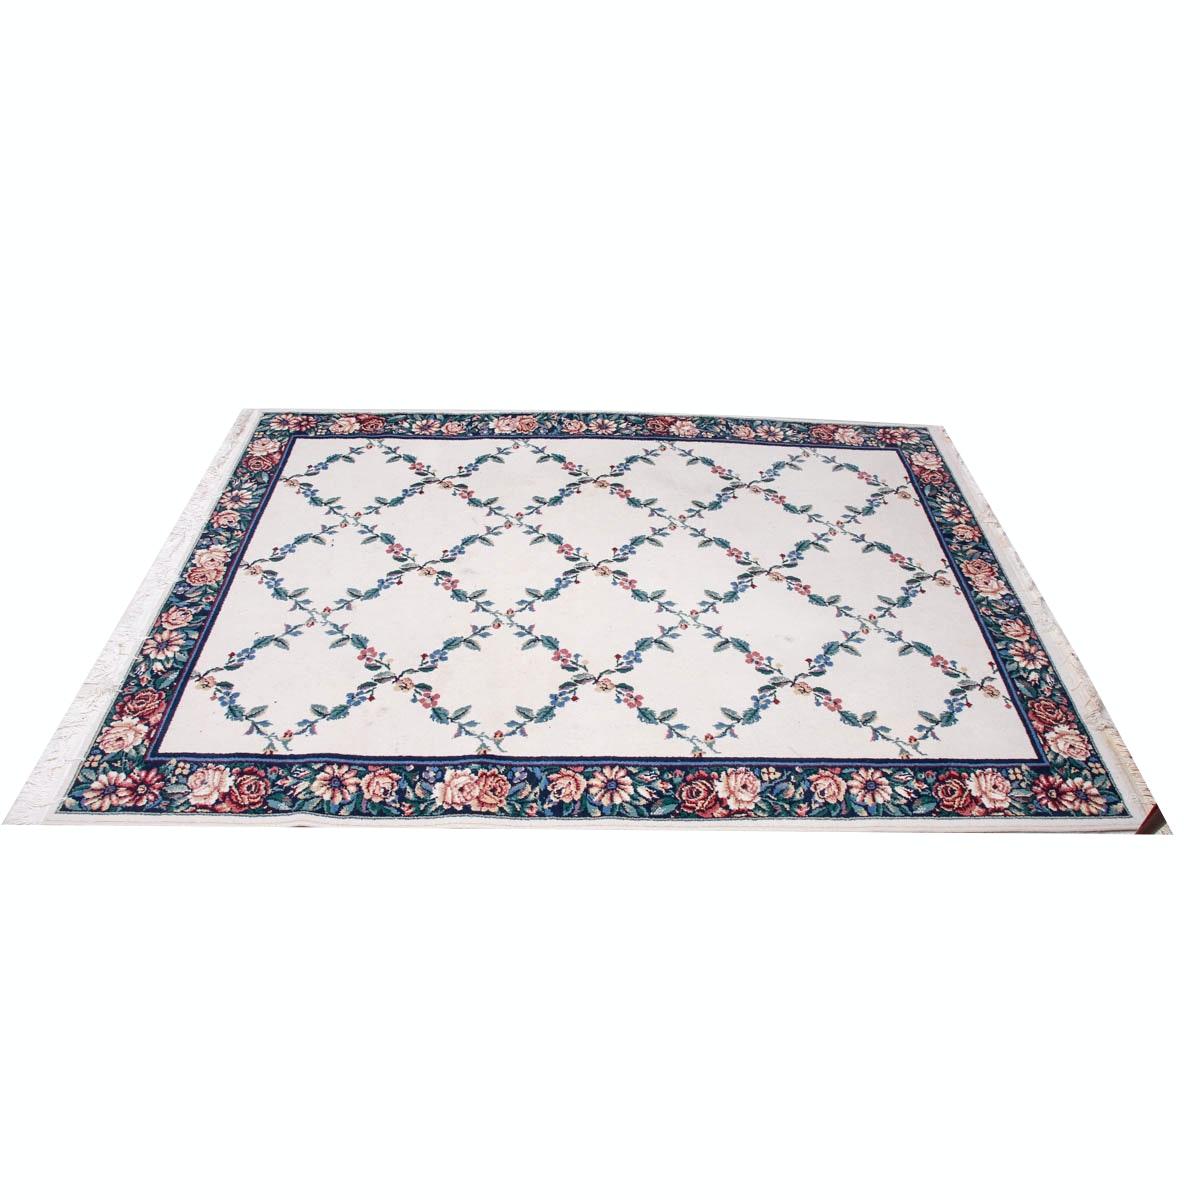 machine woven rugs